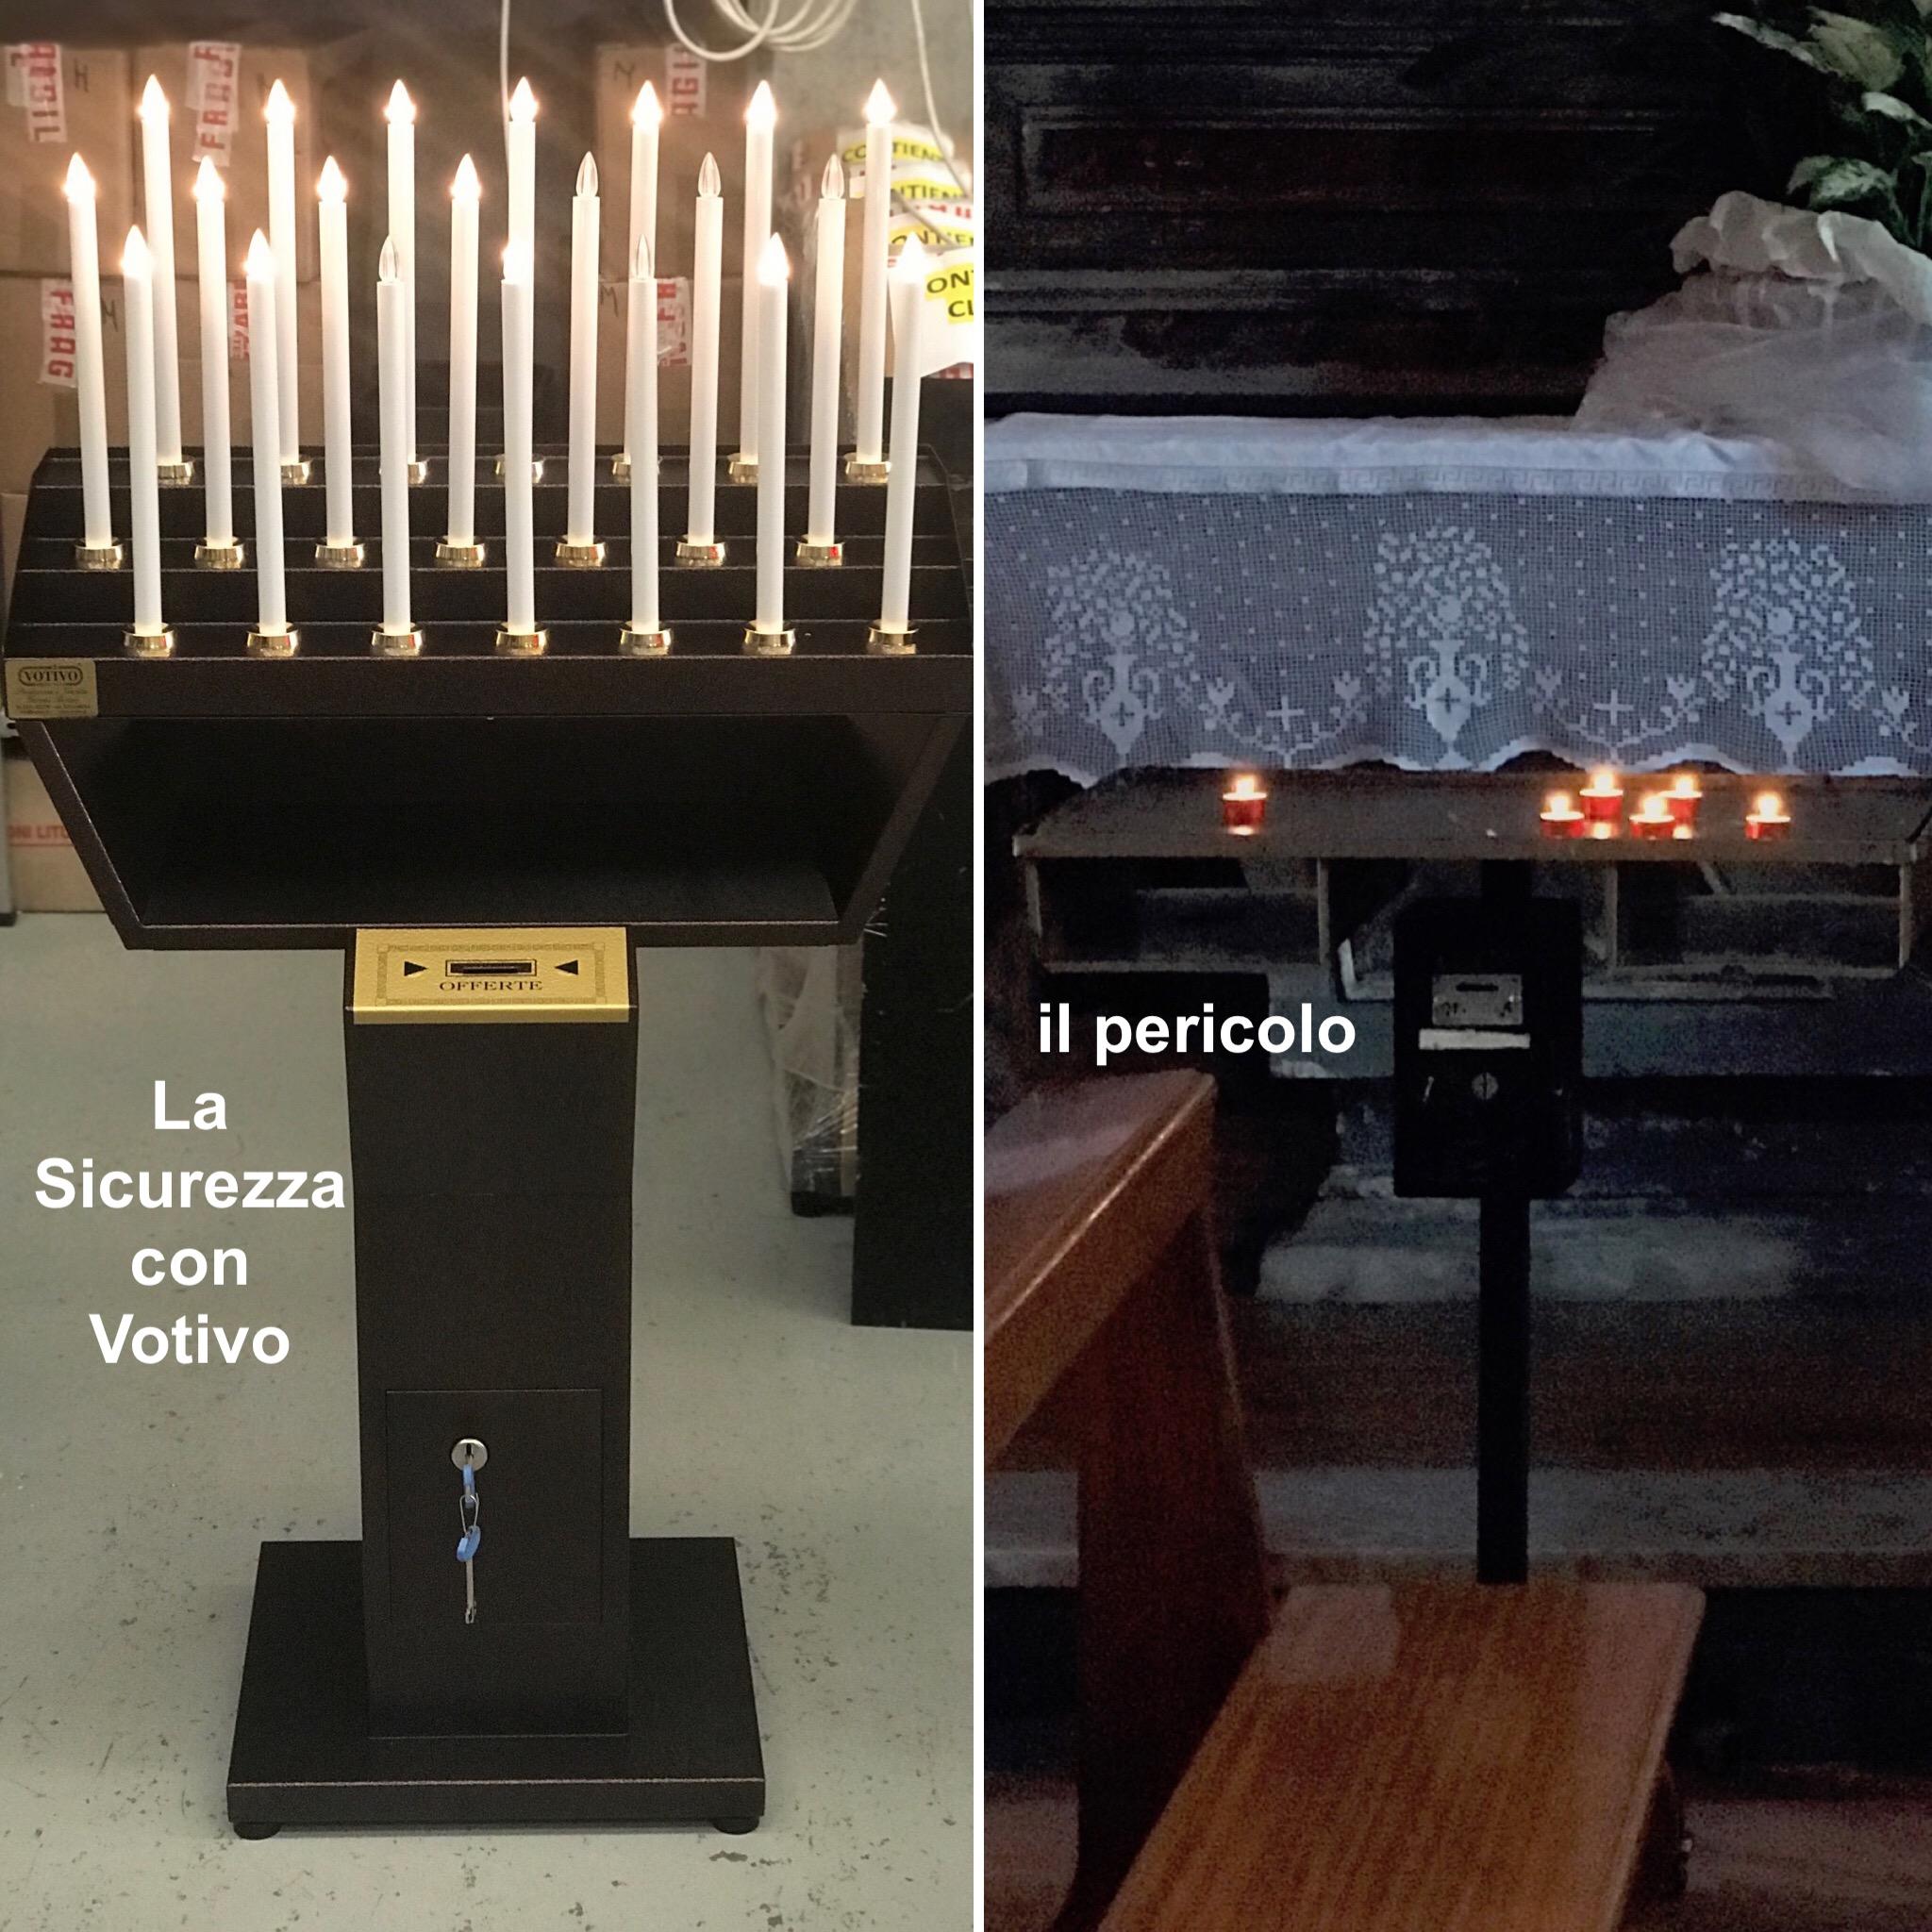 votivo arredi sacri come evitare gli incendi nella tua chiesa